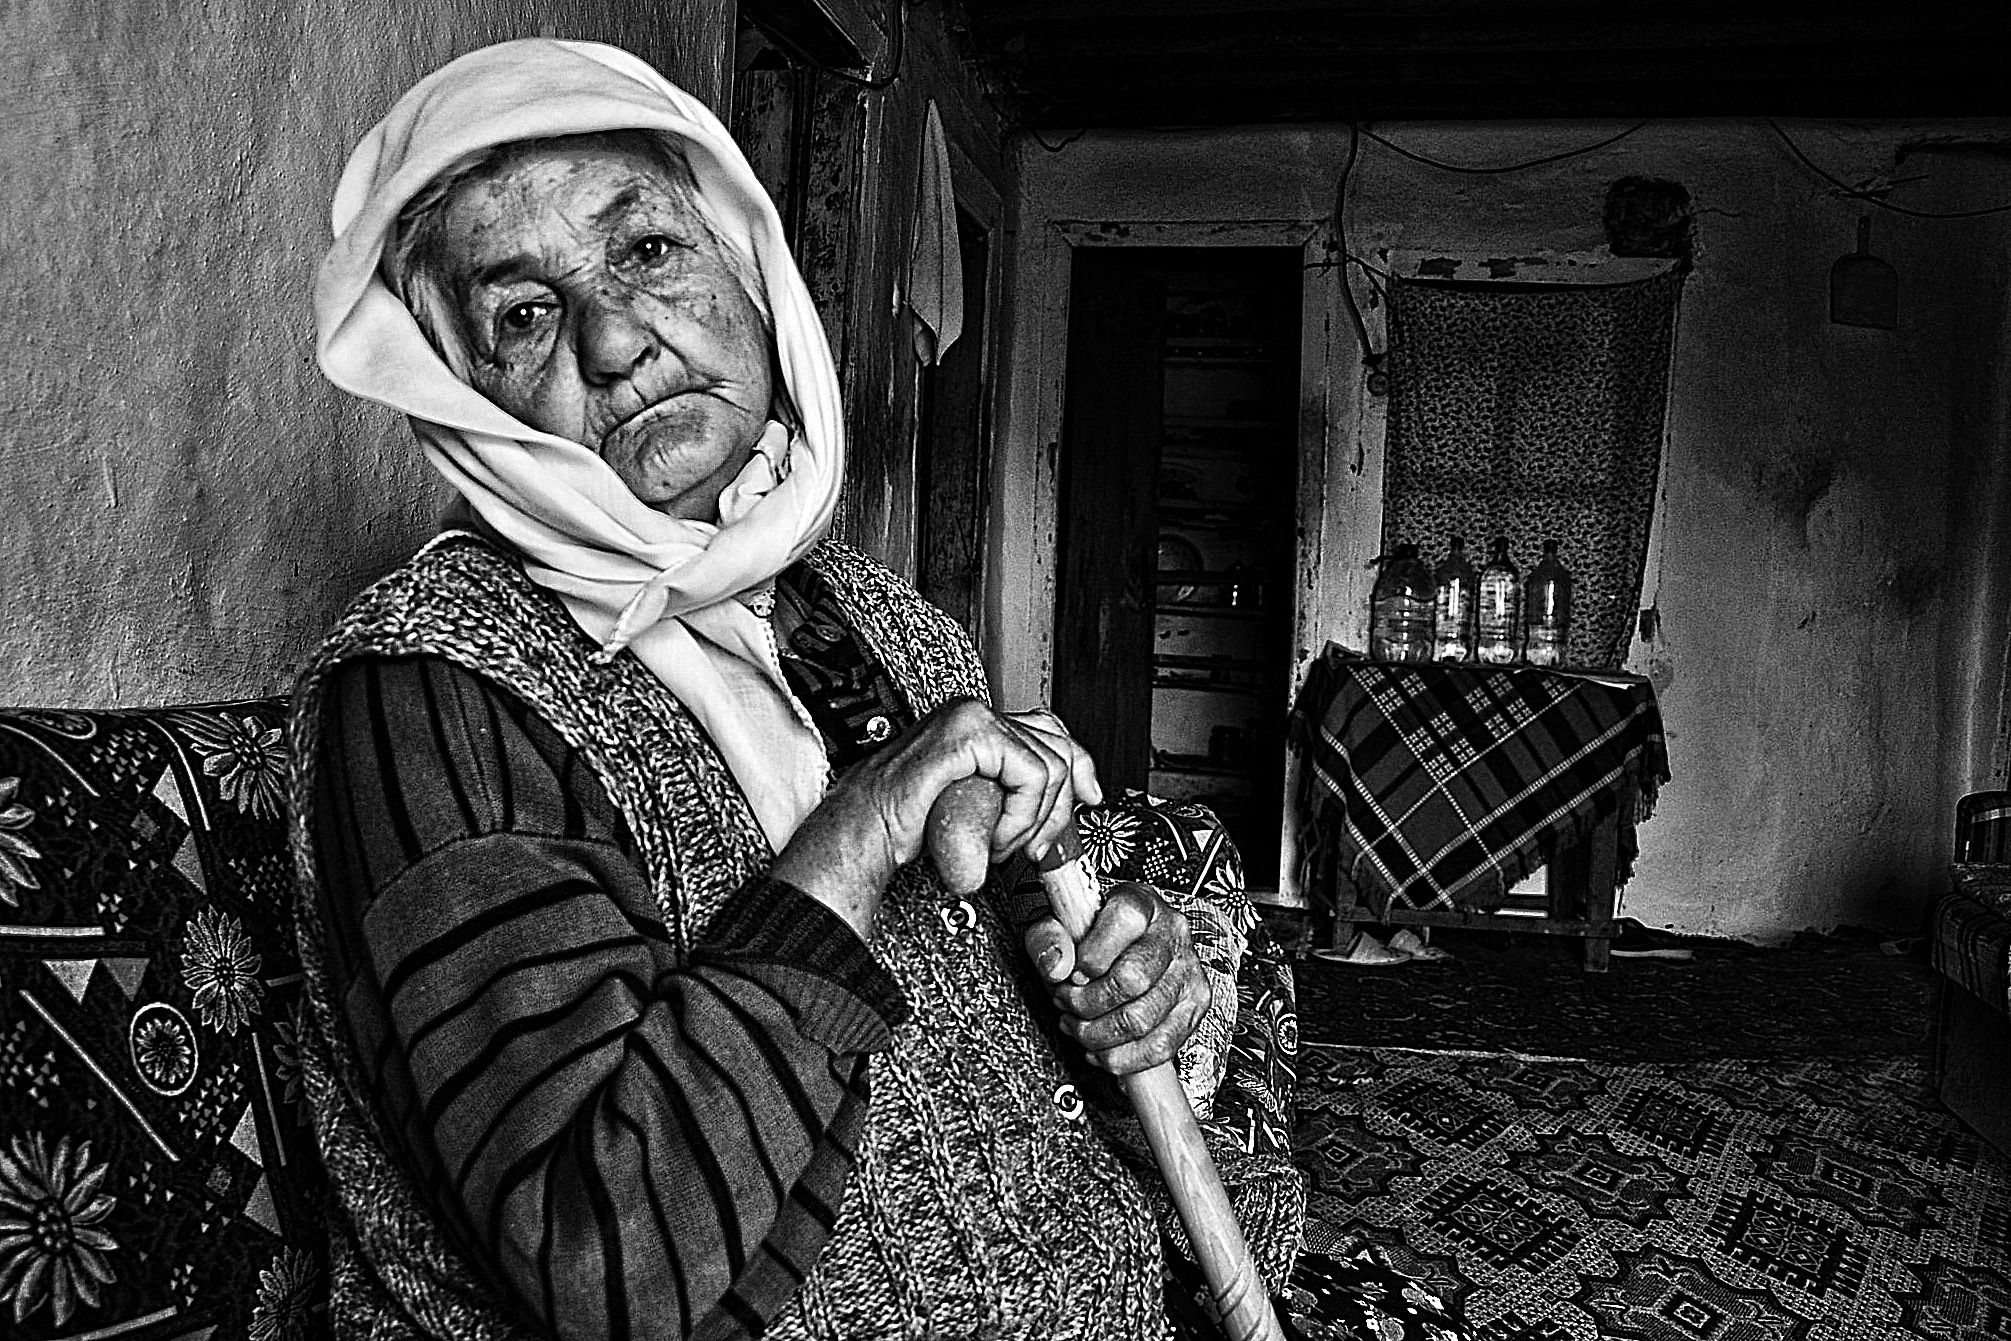 rural life by şehmus altay